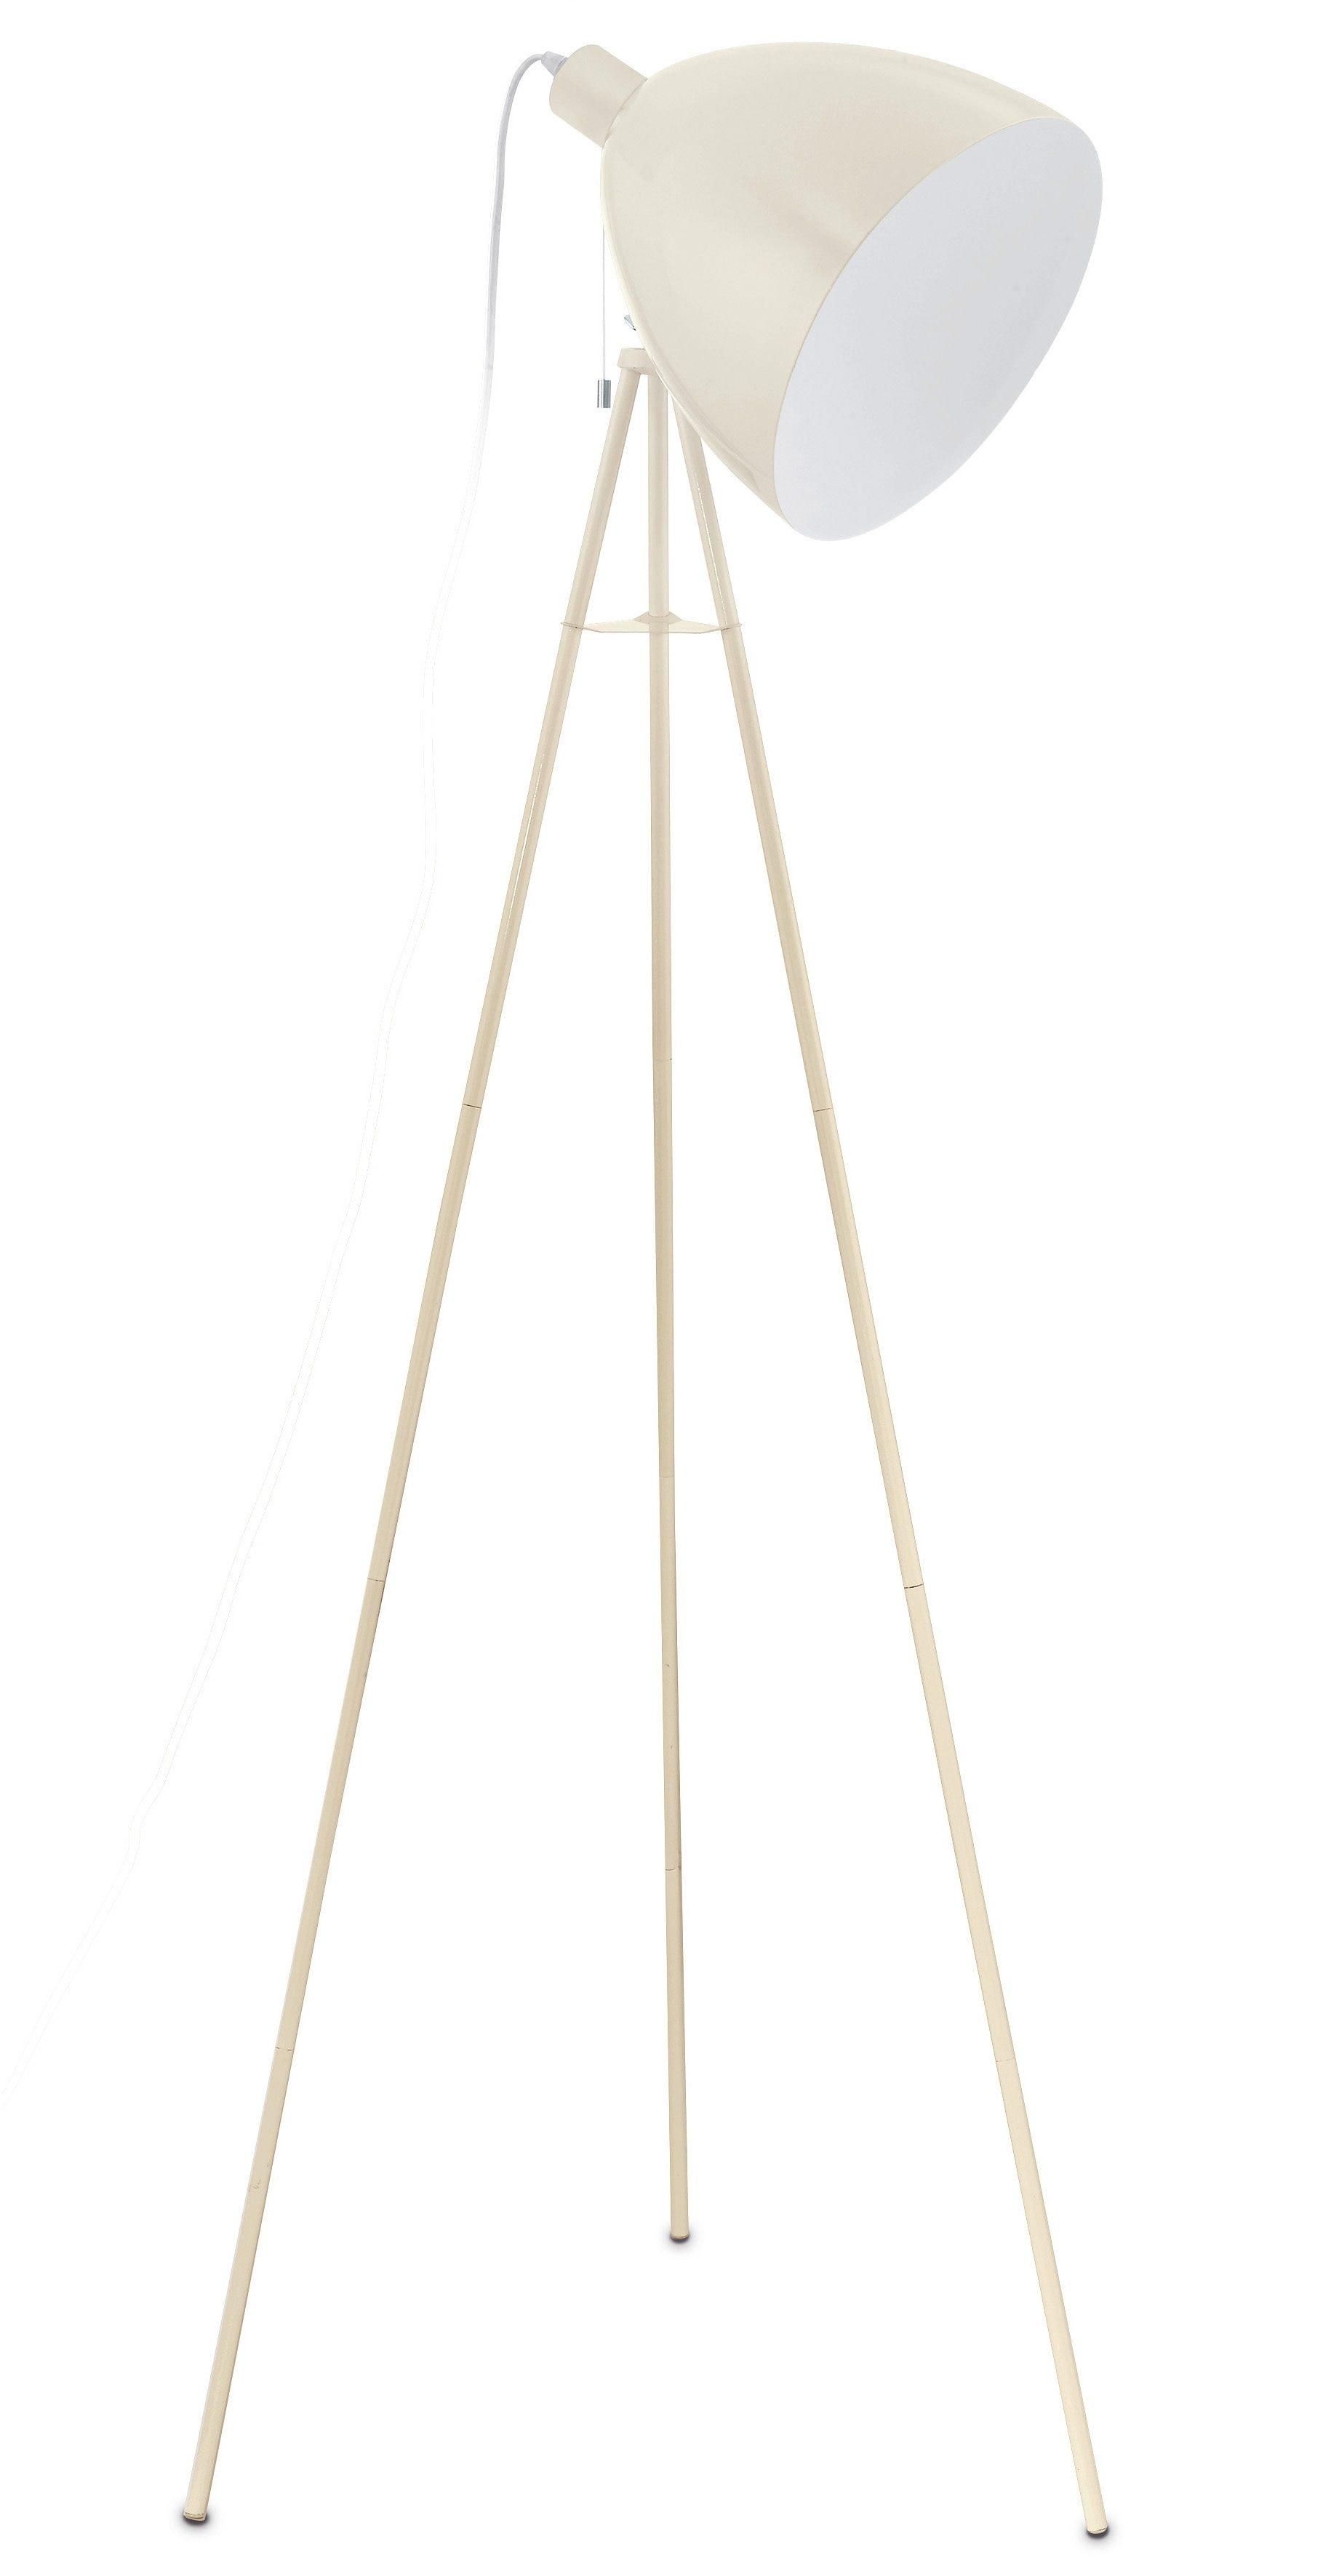 EGLOStehlampeVINTAGE Wohnen/Accessoires & Leuchten/Lampen & Leuchten/Stehleuchten/Standleuchten